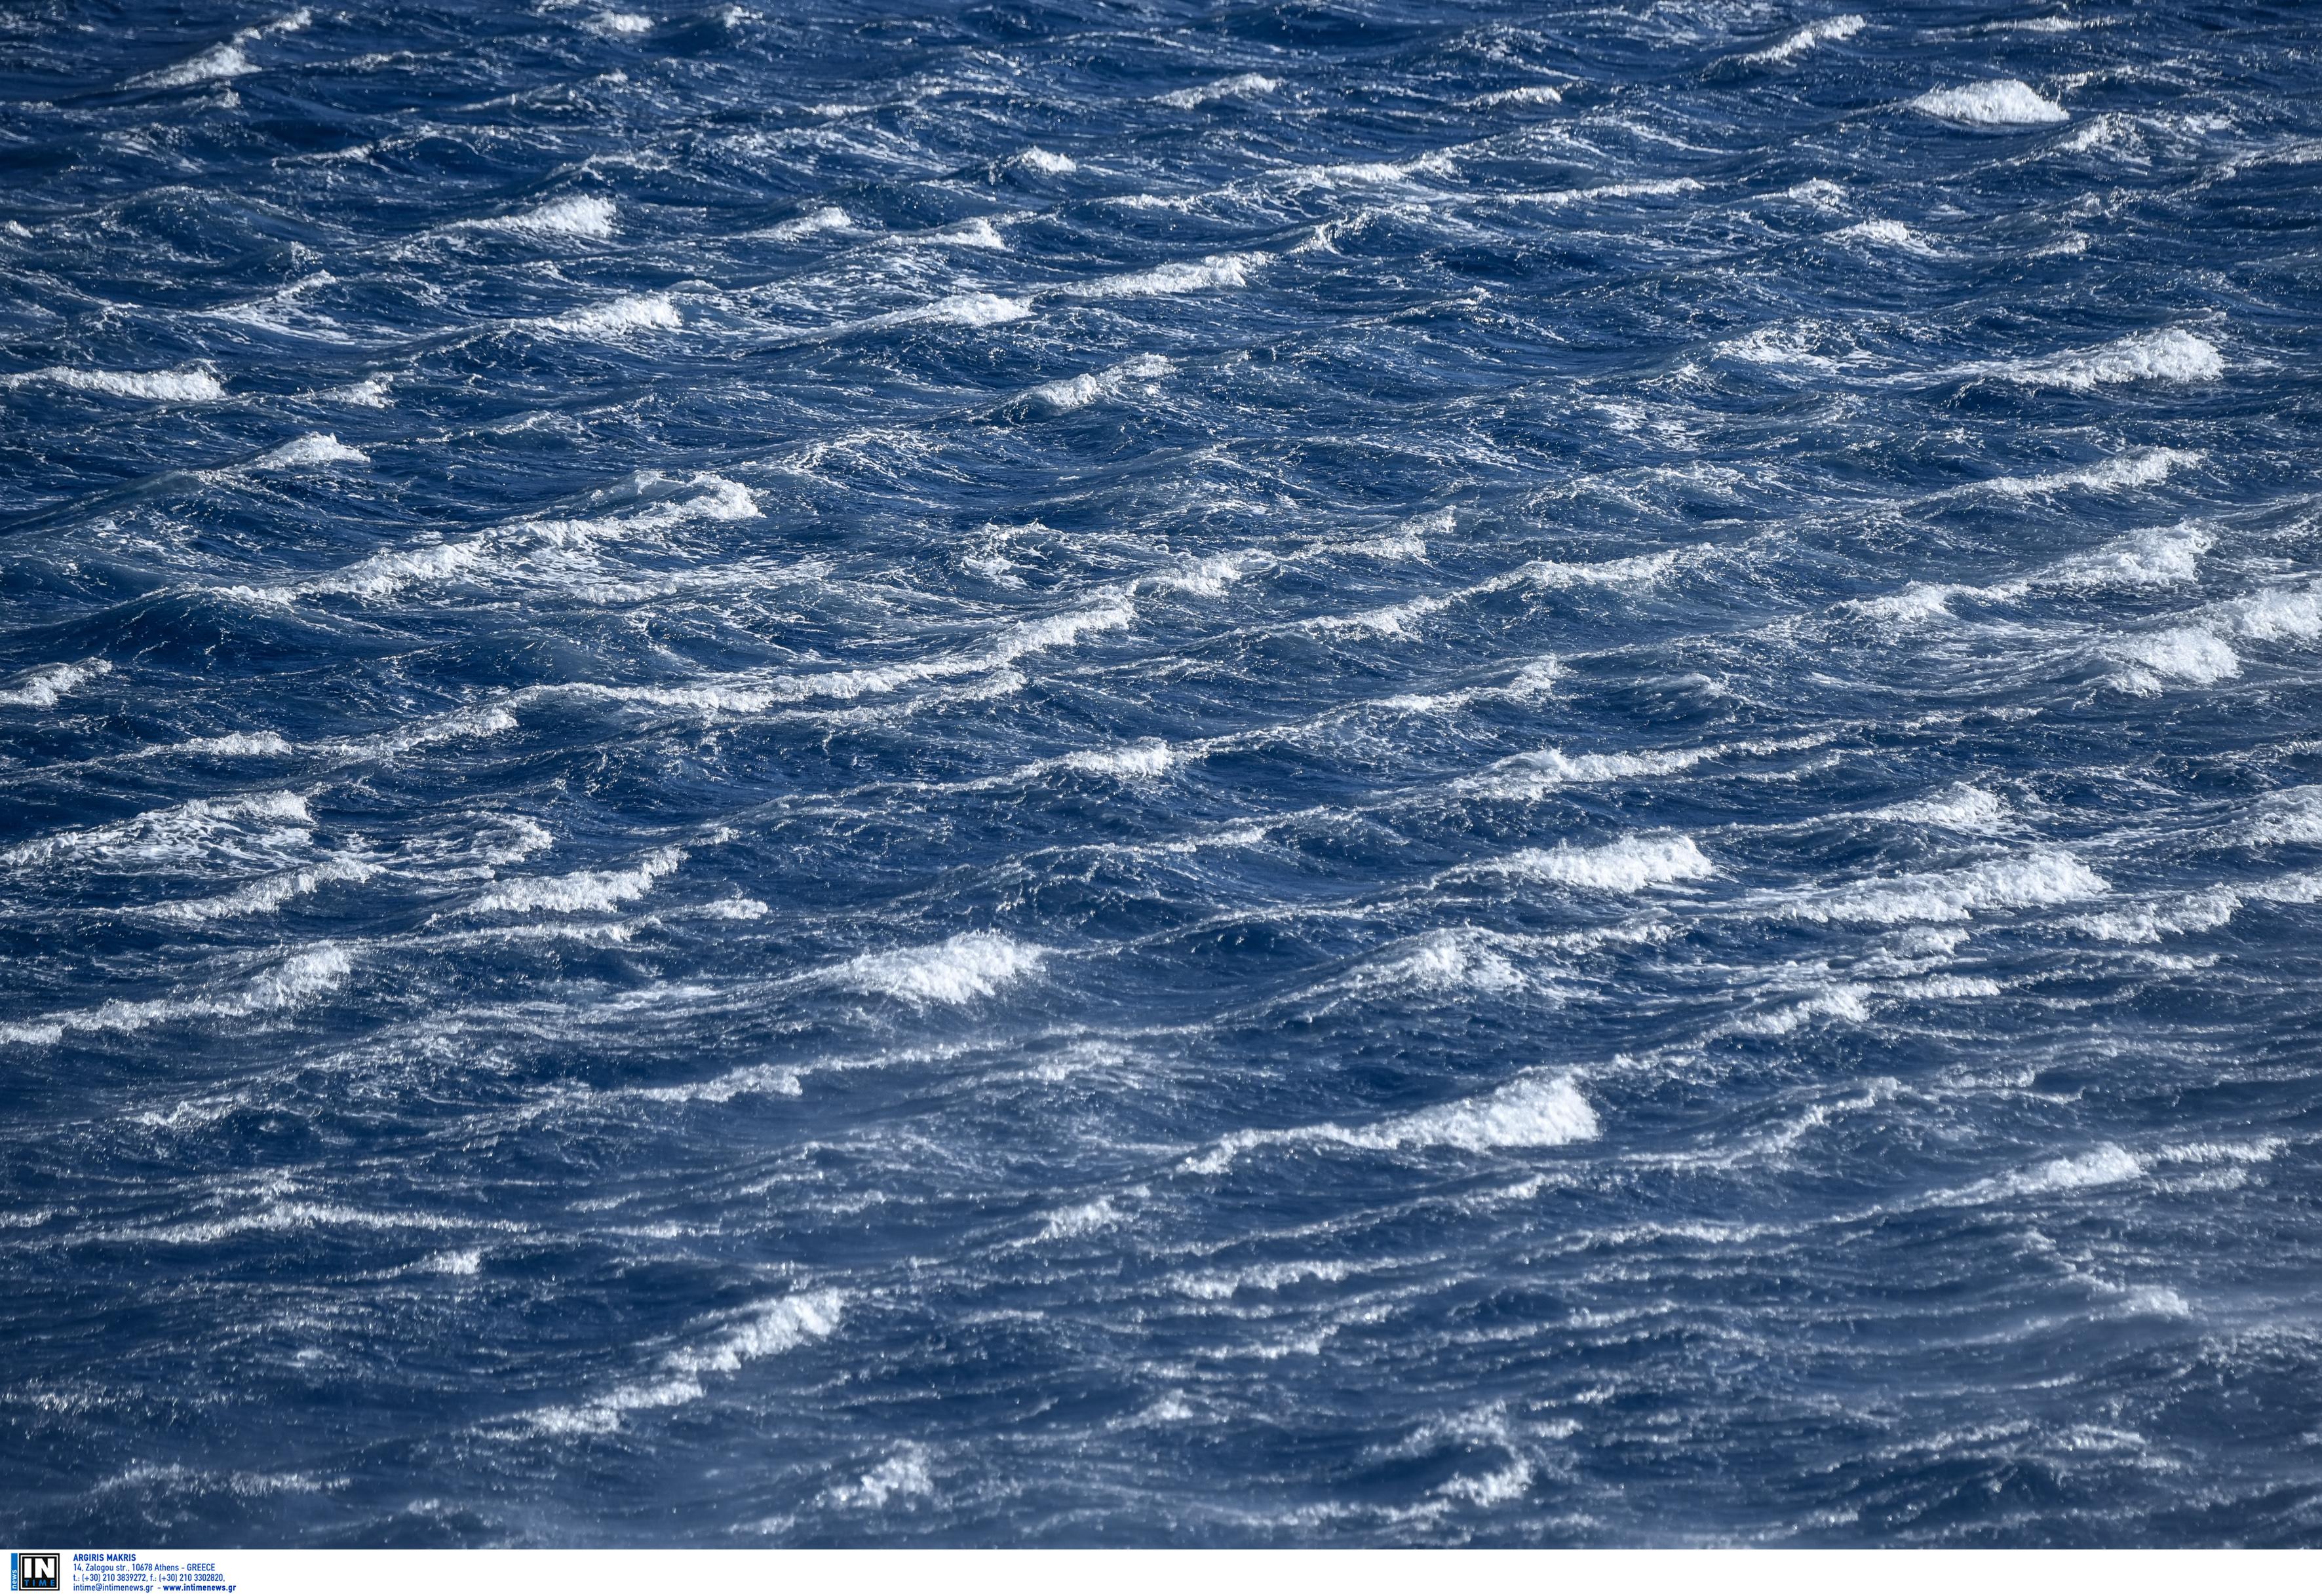 Αργολίδα: Τραγικό τέλος για τον αγνοούμενο ψαρά! Σκληρές εικόνες στη θάλασσα των Ιρίων